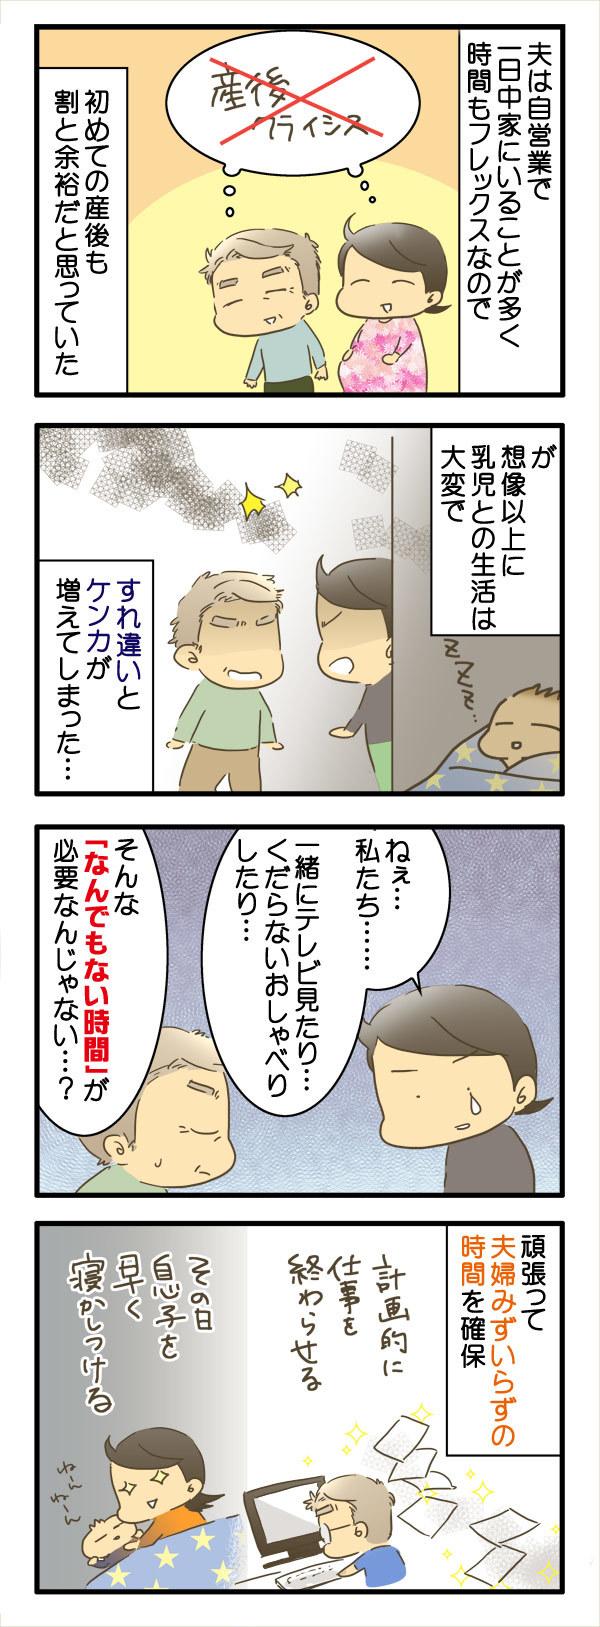 """まさかの産後クライシス…!?夫婦の絆を取り戻すために始めた""""お楽しみ""""の画像1"""